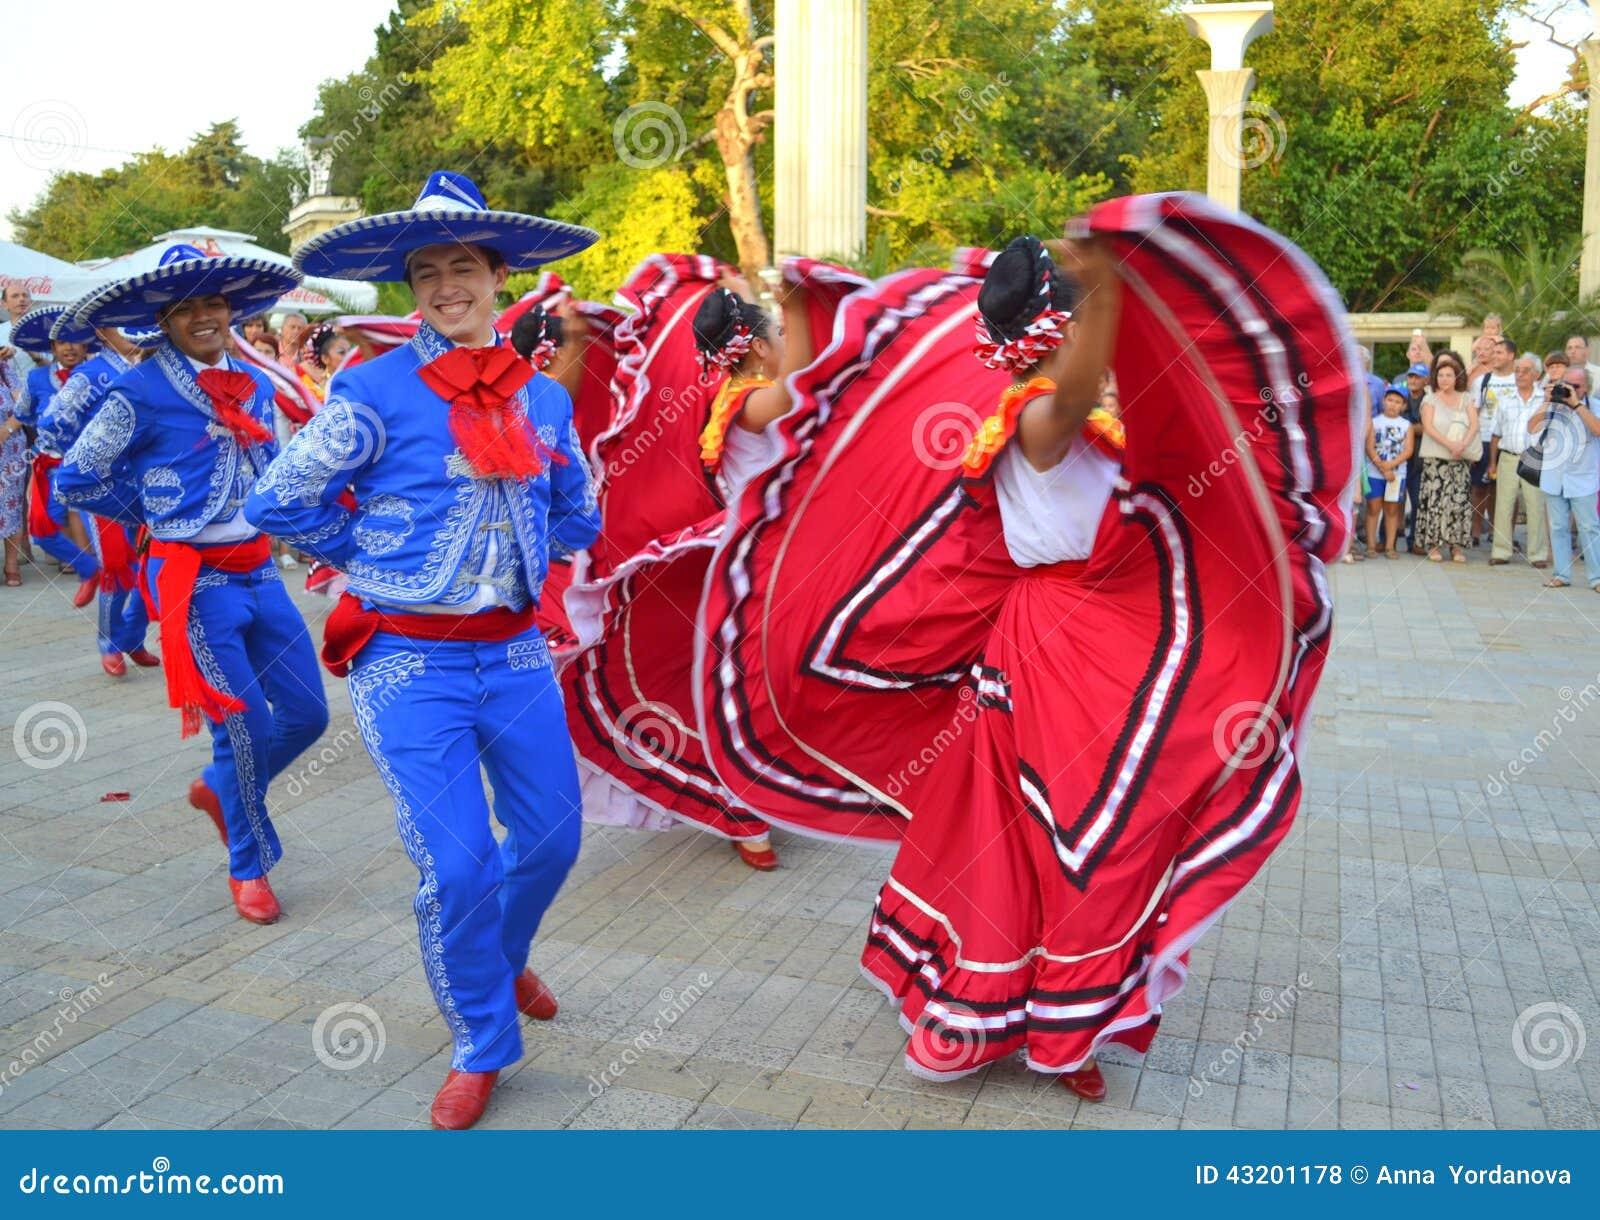 Download Lynniga mexicanska dansare redaktionell arkivfoto. Bild av gyckel - 43201178